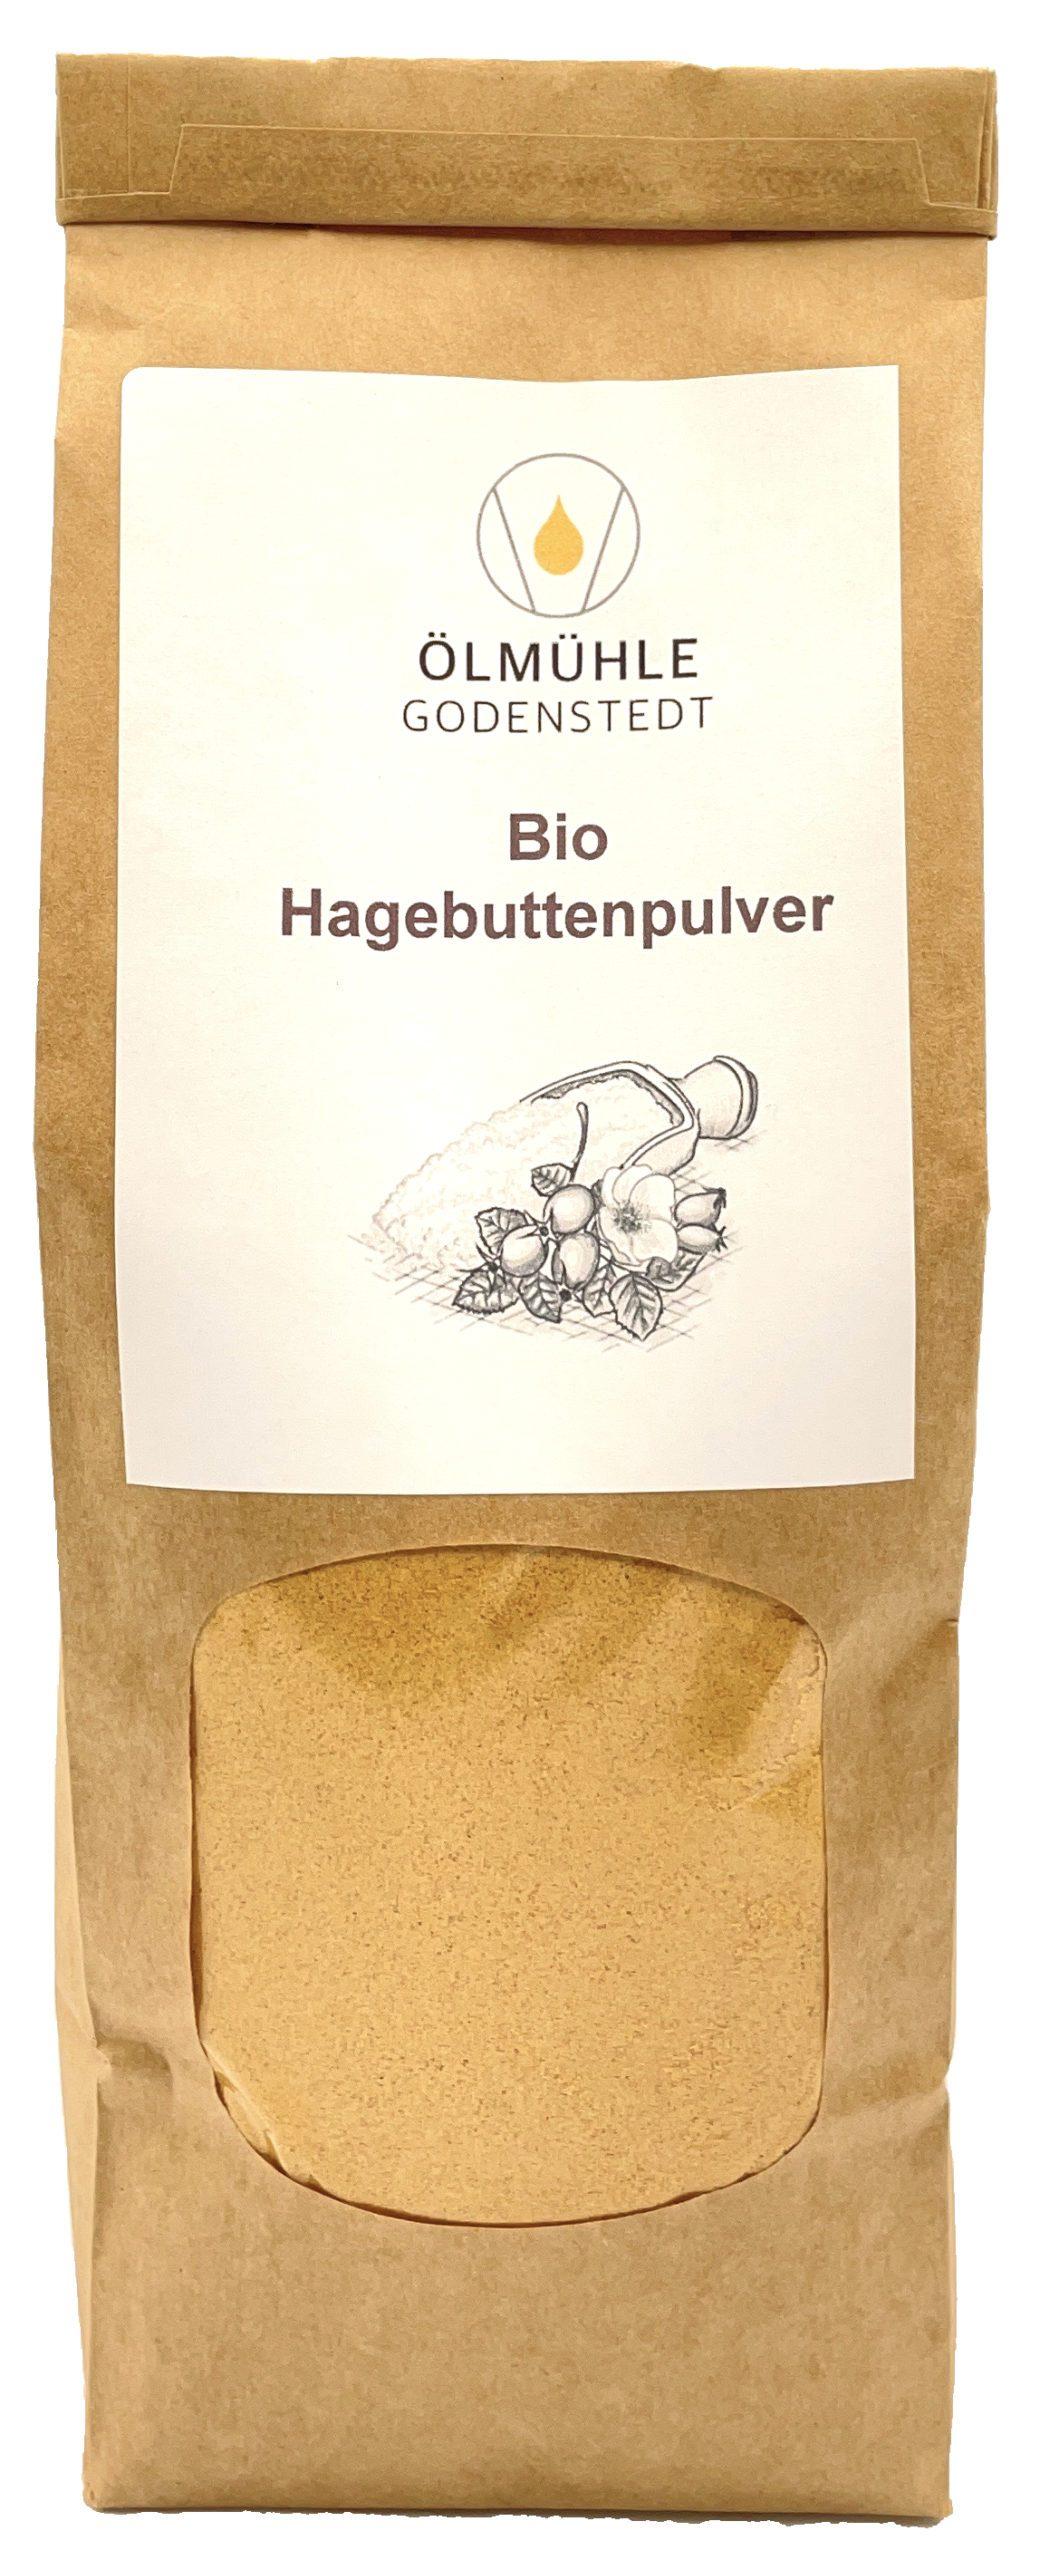 Bio Hagebuttenpulver von der Ölmühle Godenstedt Bio aus Deutschland